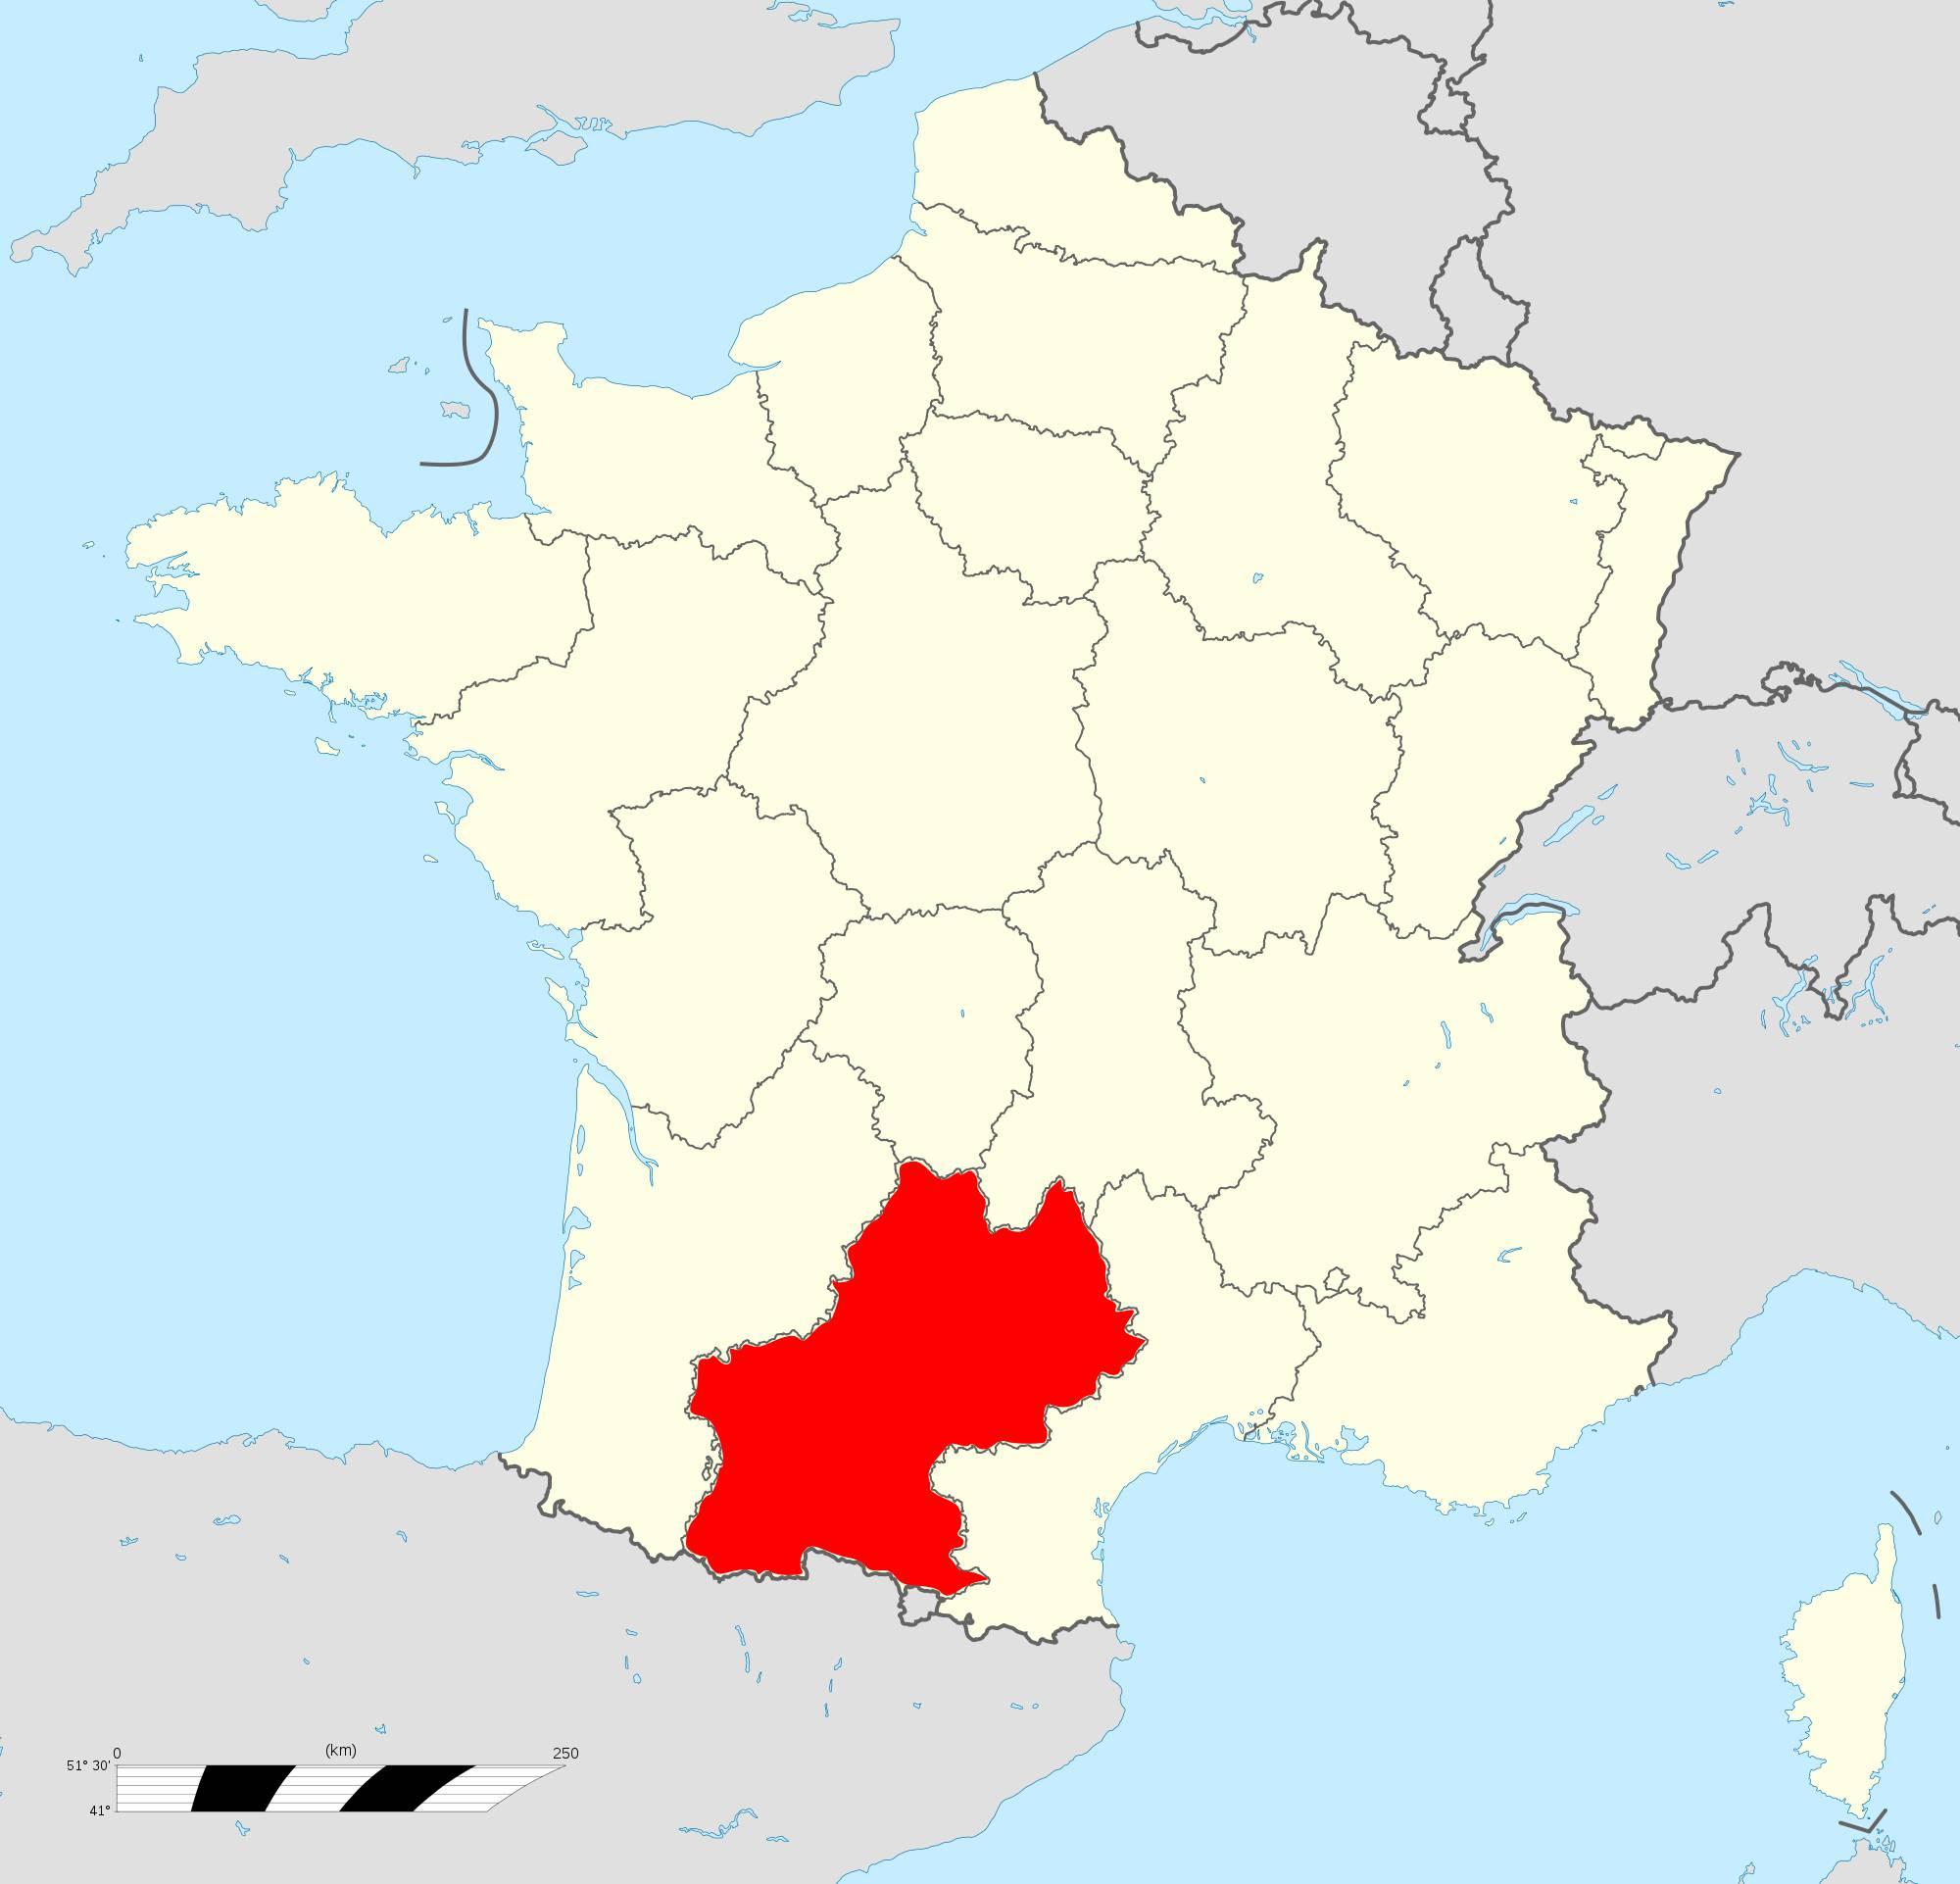 Où se trouve la région Midi-Pyrénées ?